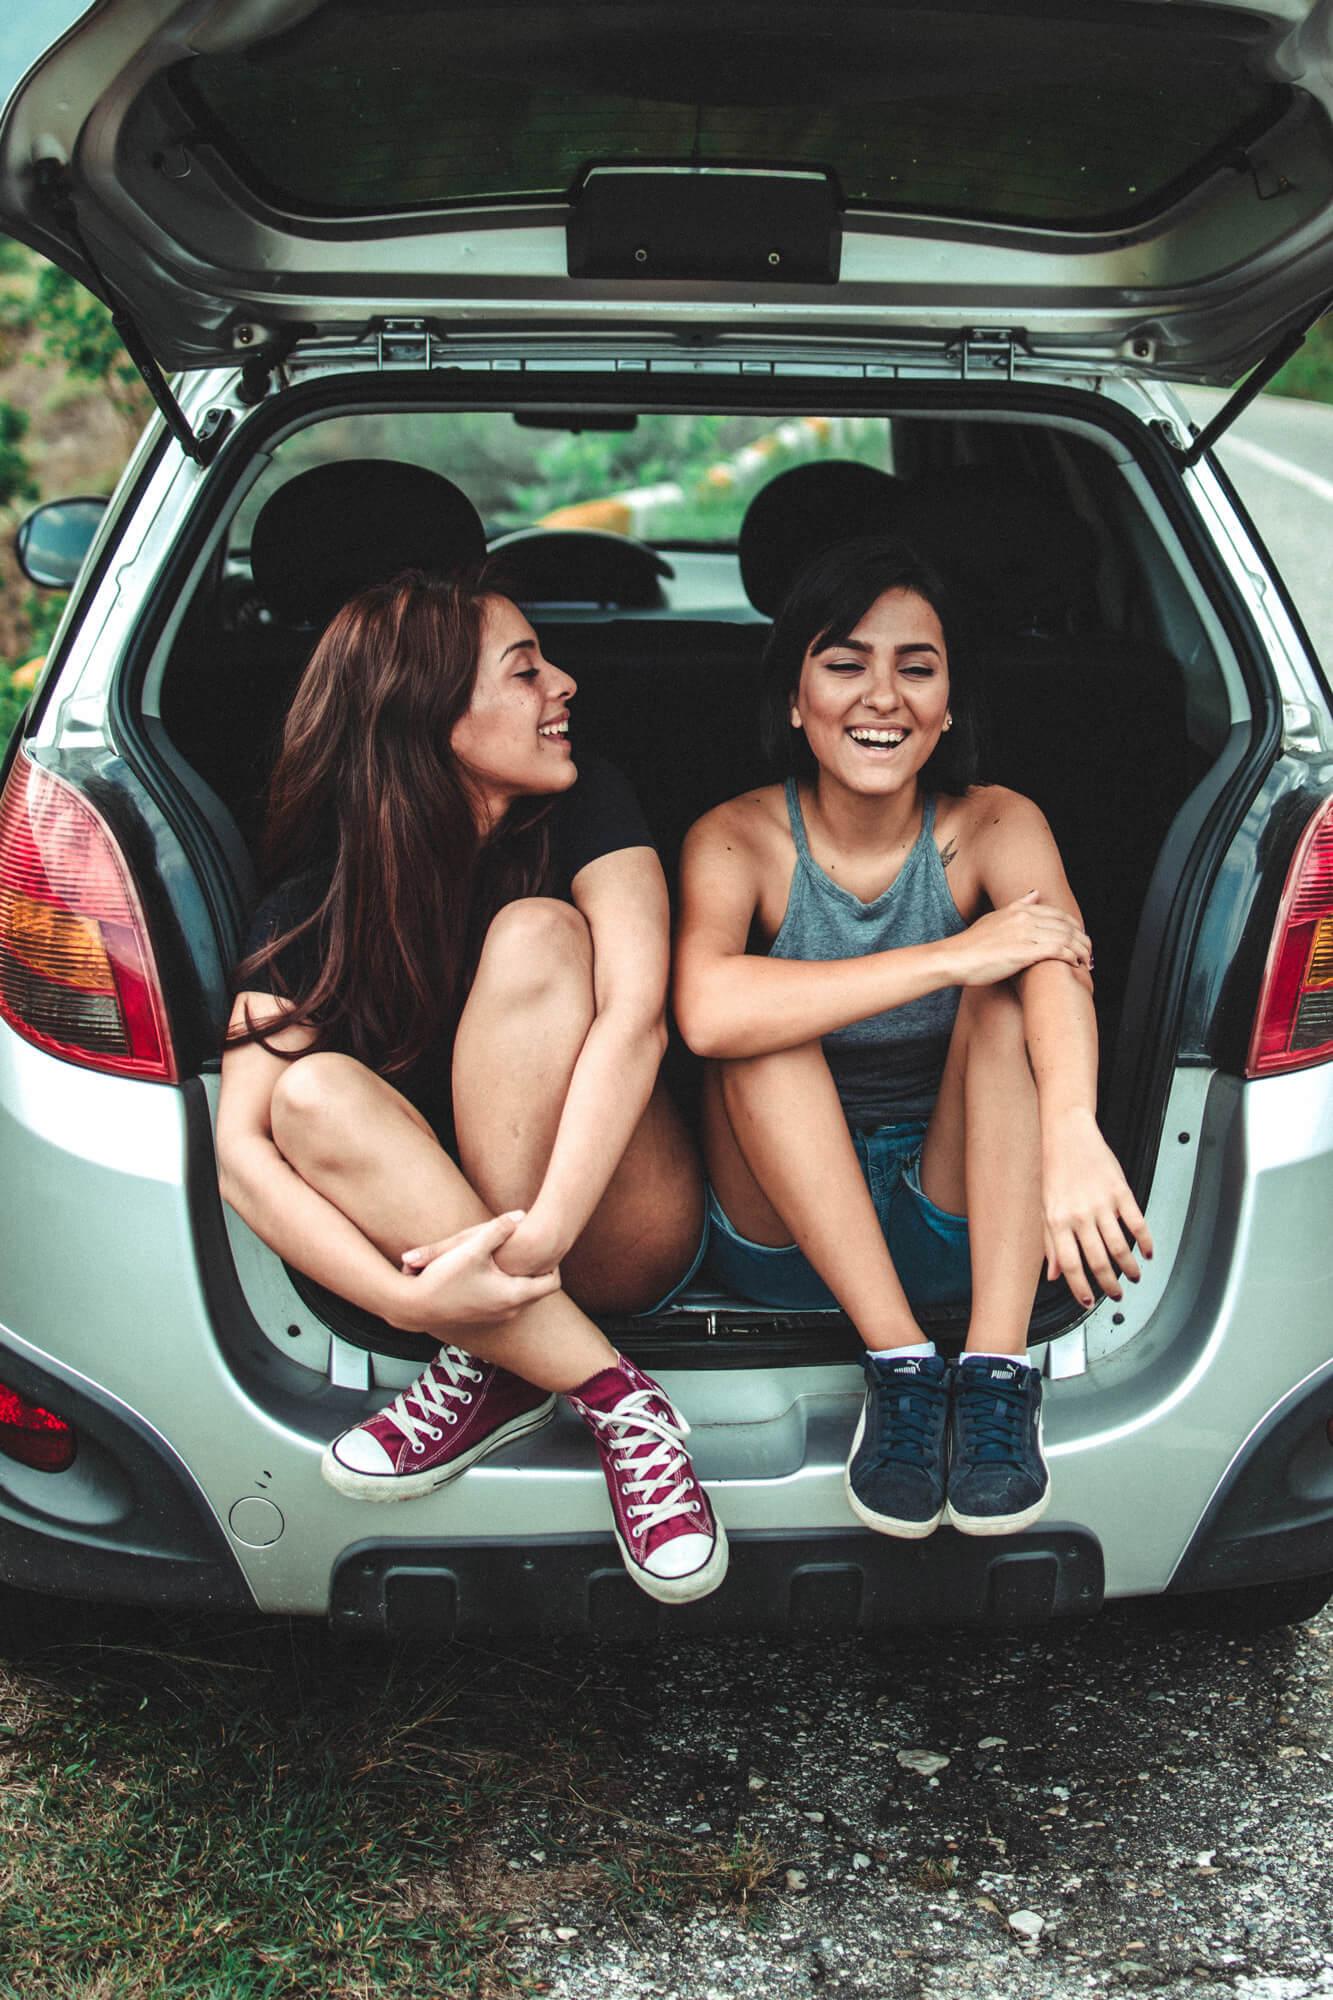 Chicas compartiendo coche